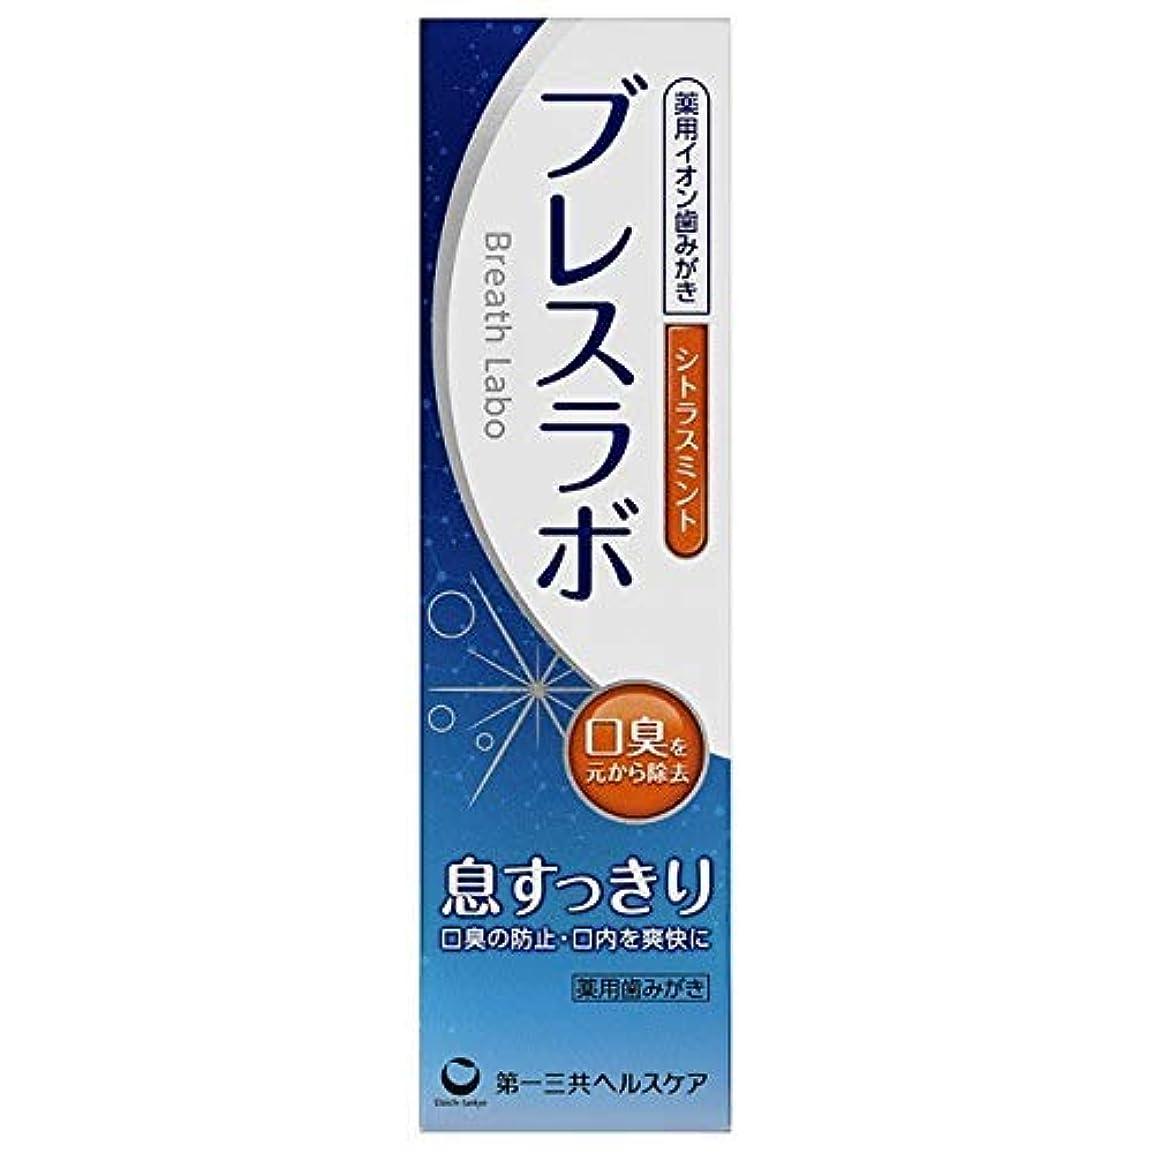 囲いコーヒー砂【10個セット】ブレスラボ シトラスミント 90g